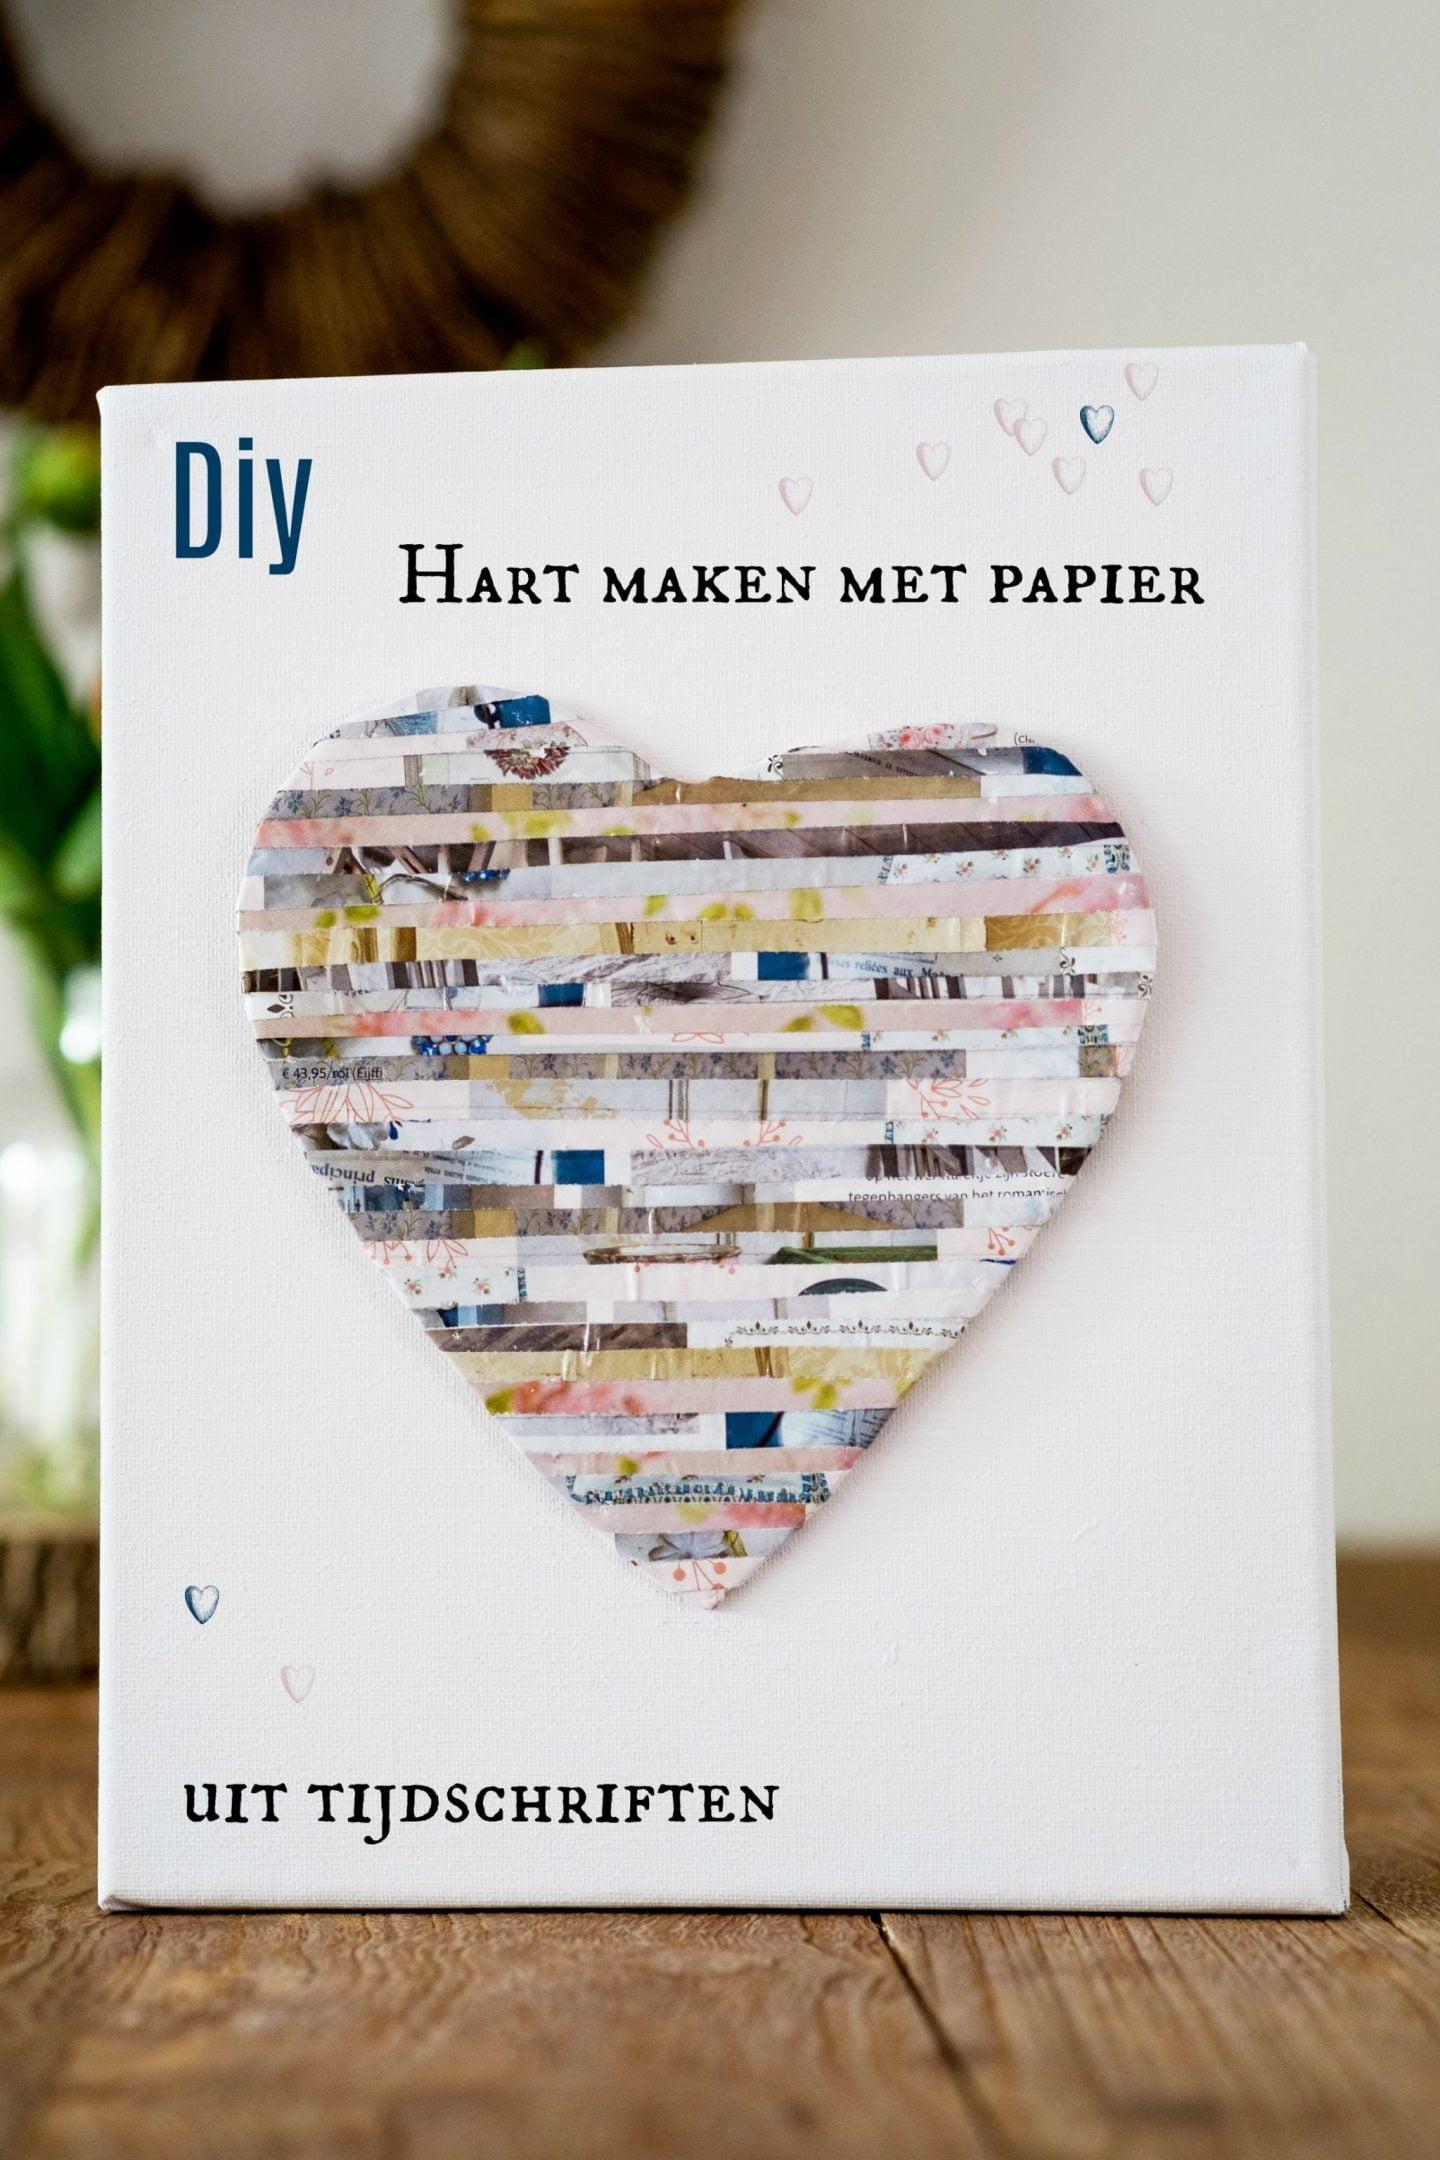 DIY: Hart maken met papier uit tijdschriften